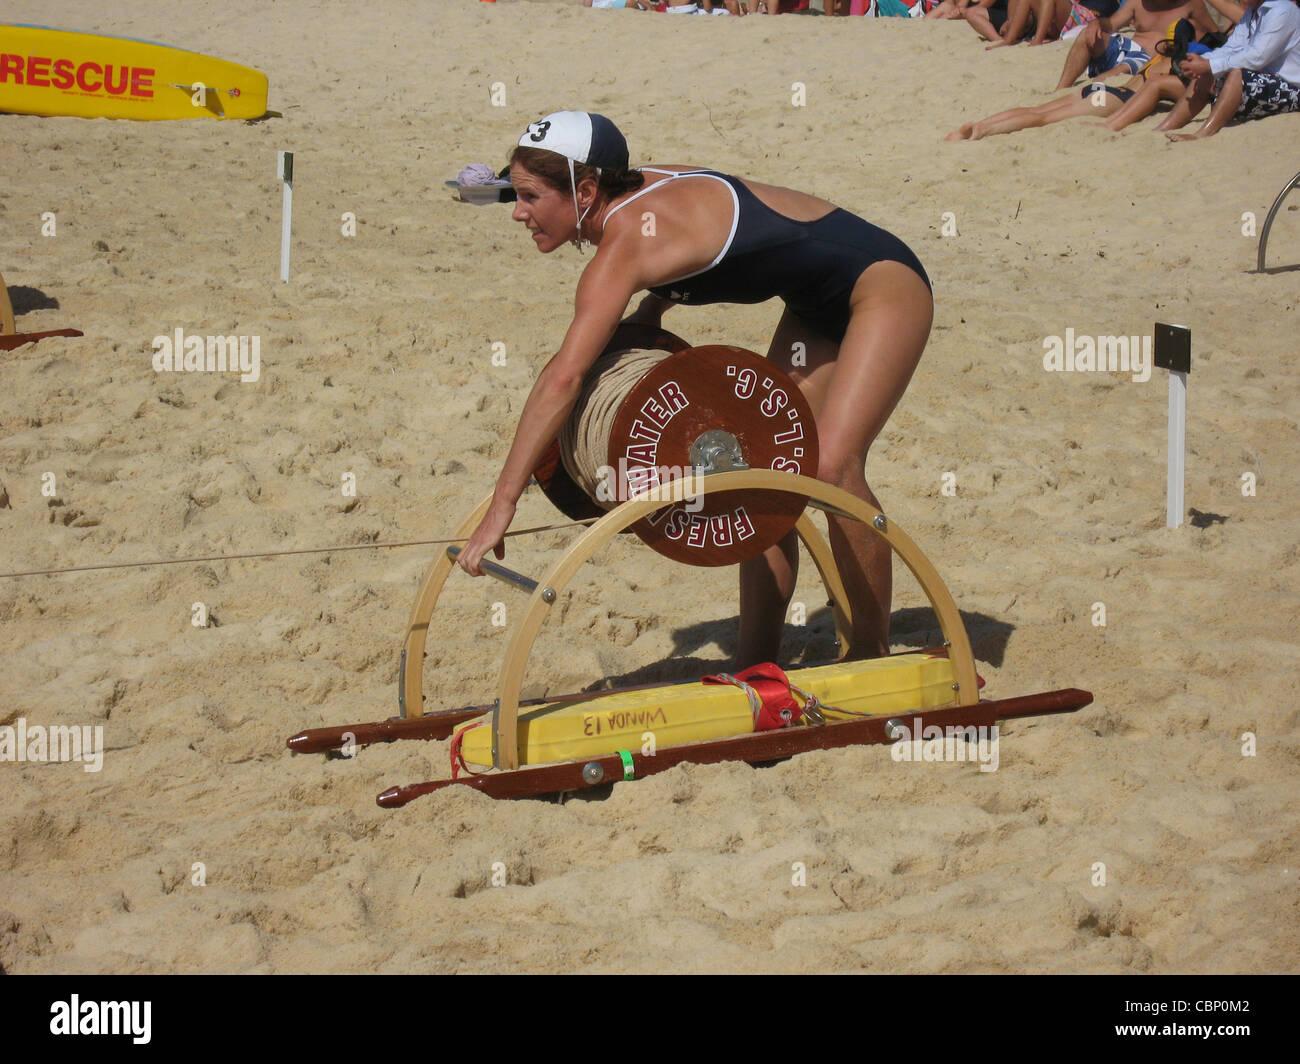 Female Lifeguard Performs Surf Rescue Drill On Bondi Beach Australia Stock Photo Alamy